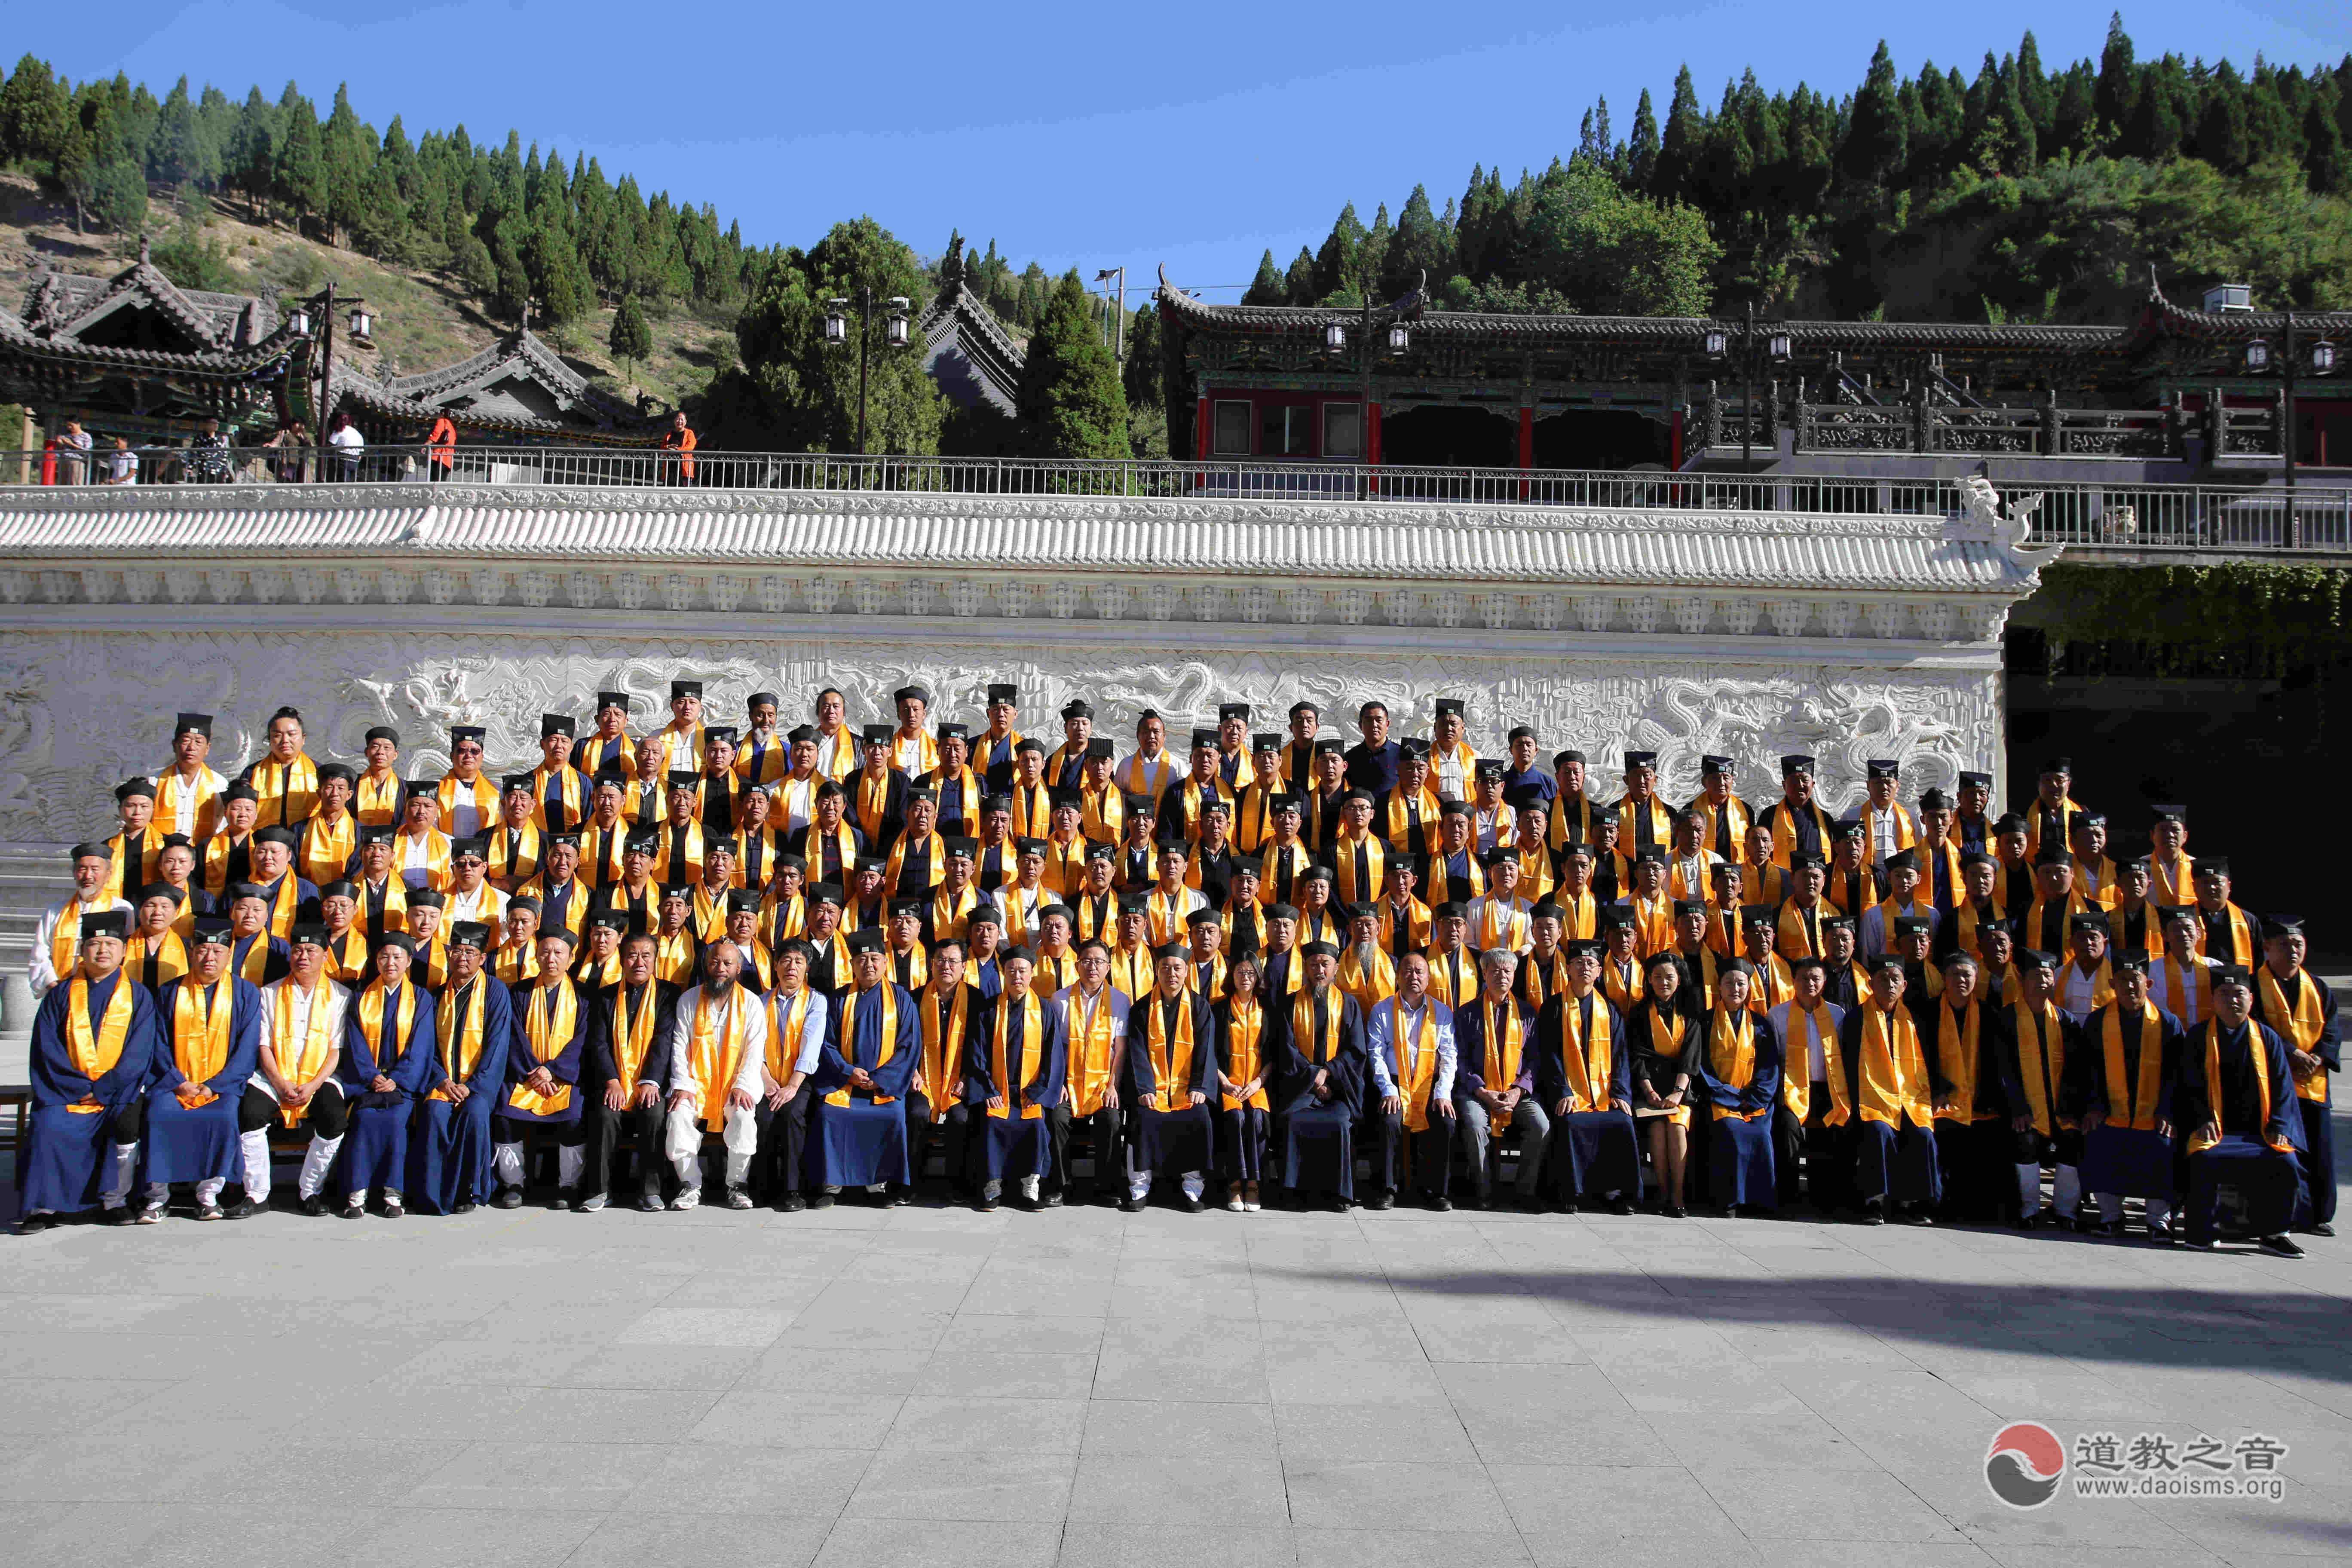 中国道教协会副会长、陕西省道教协会会长胡诚林道长与榆林市民宗局局长李长瑞就宗教文化发展交流